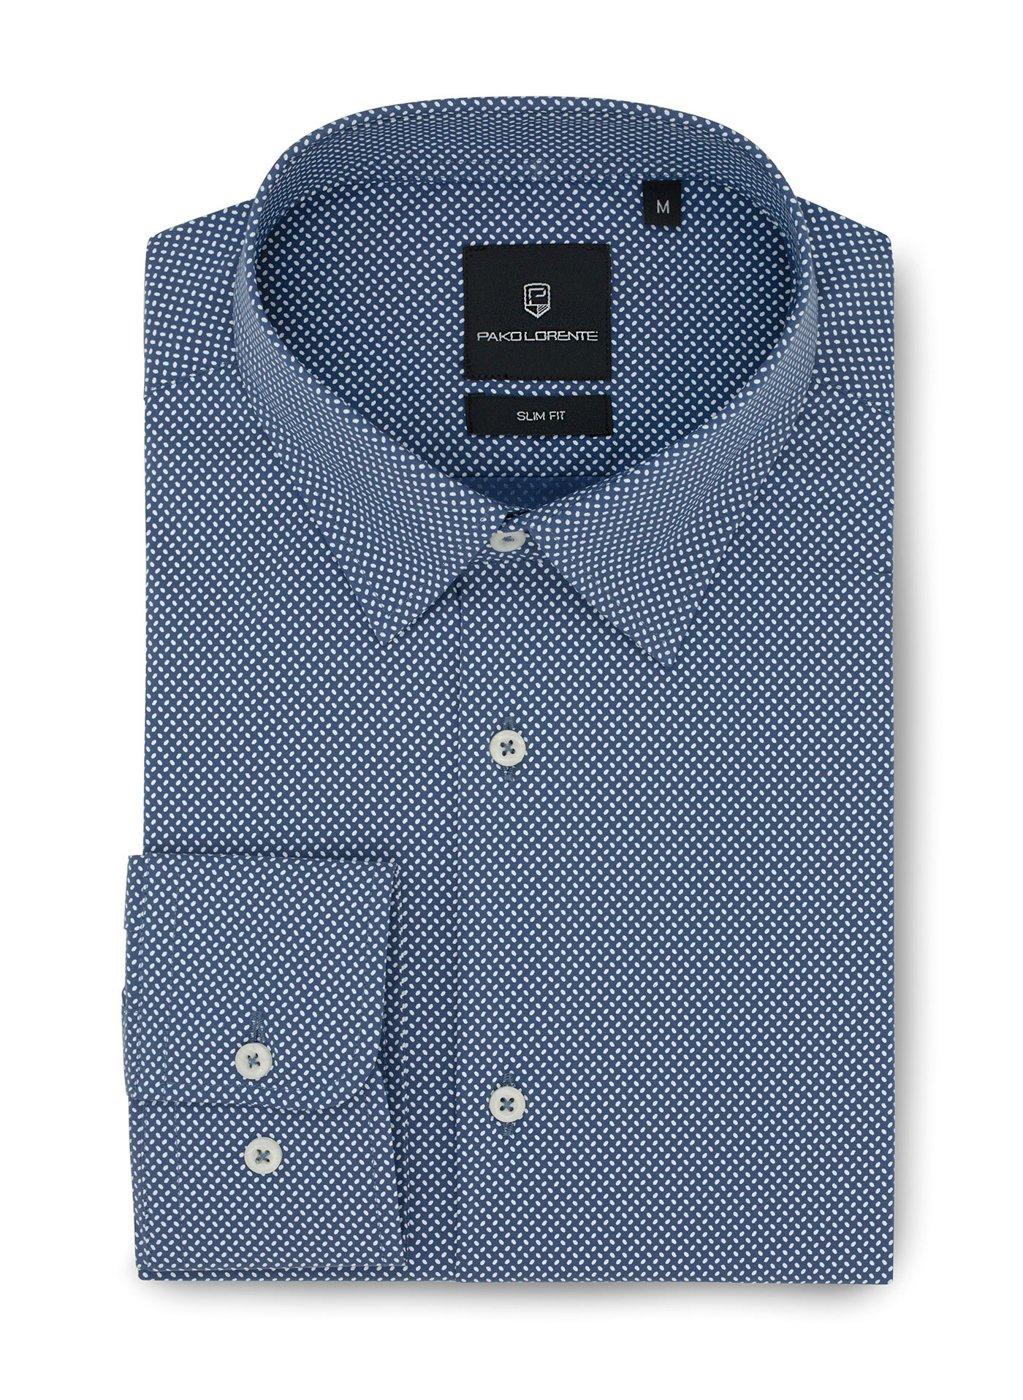 Koszula męska ALCOTZ PLM-1X-325-G